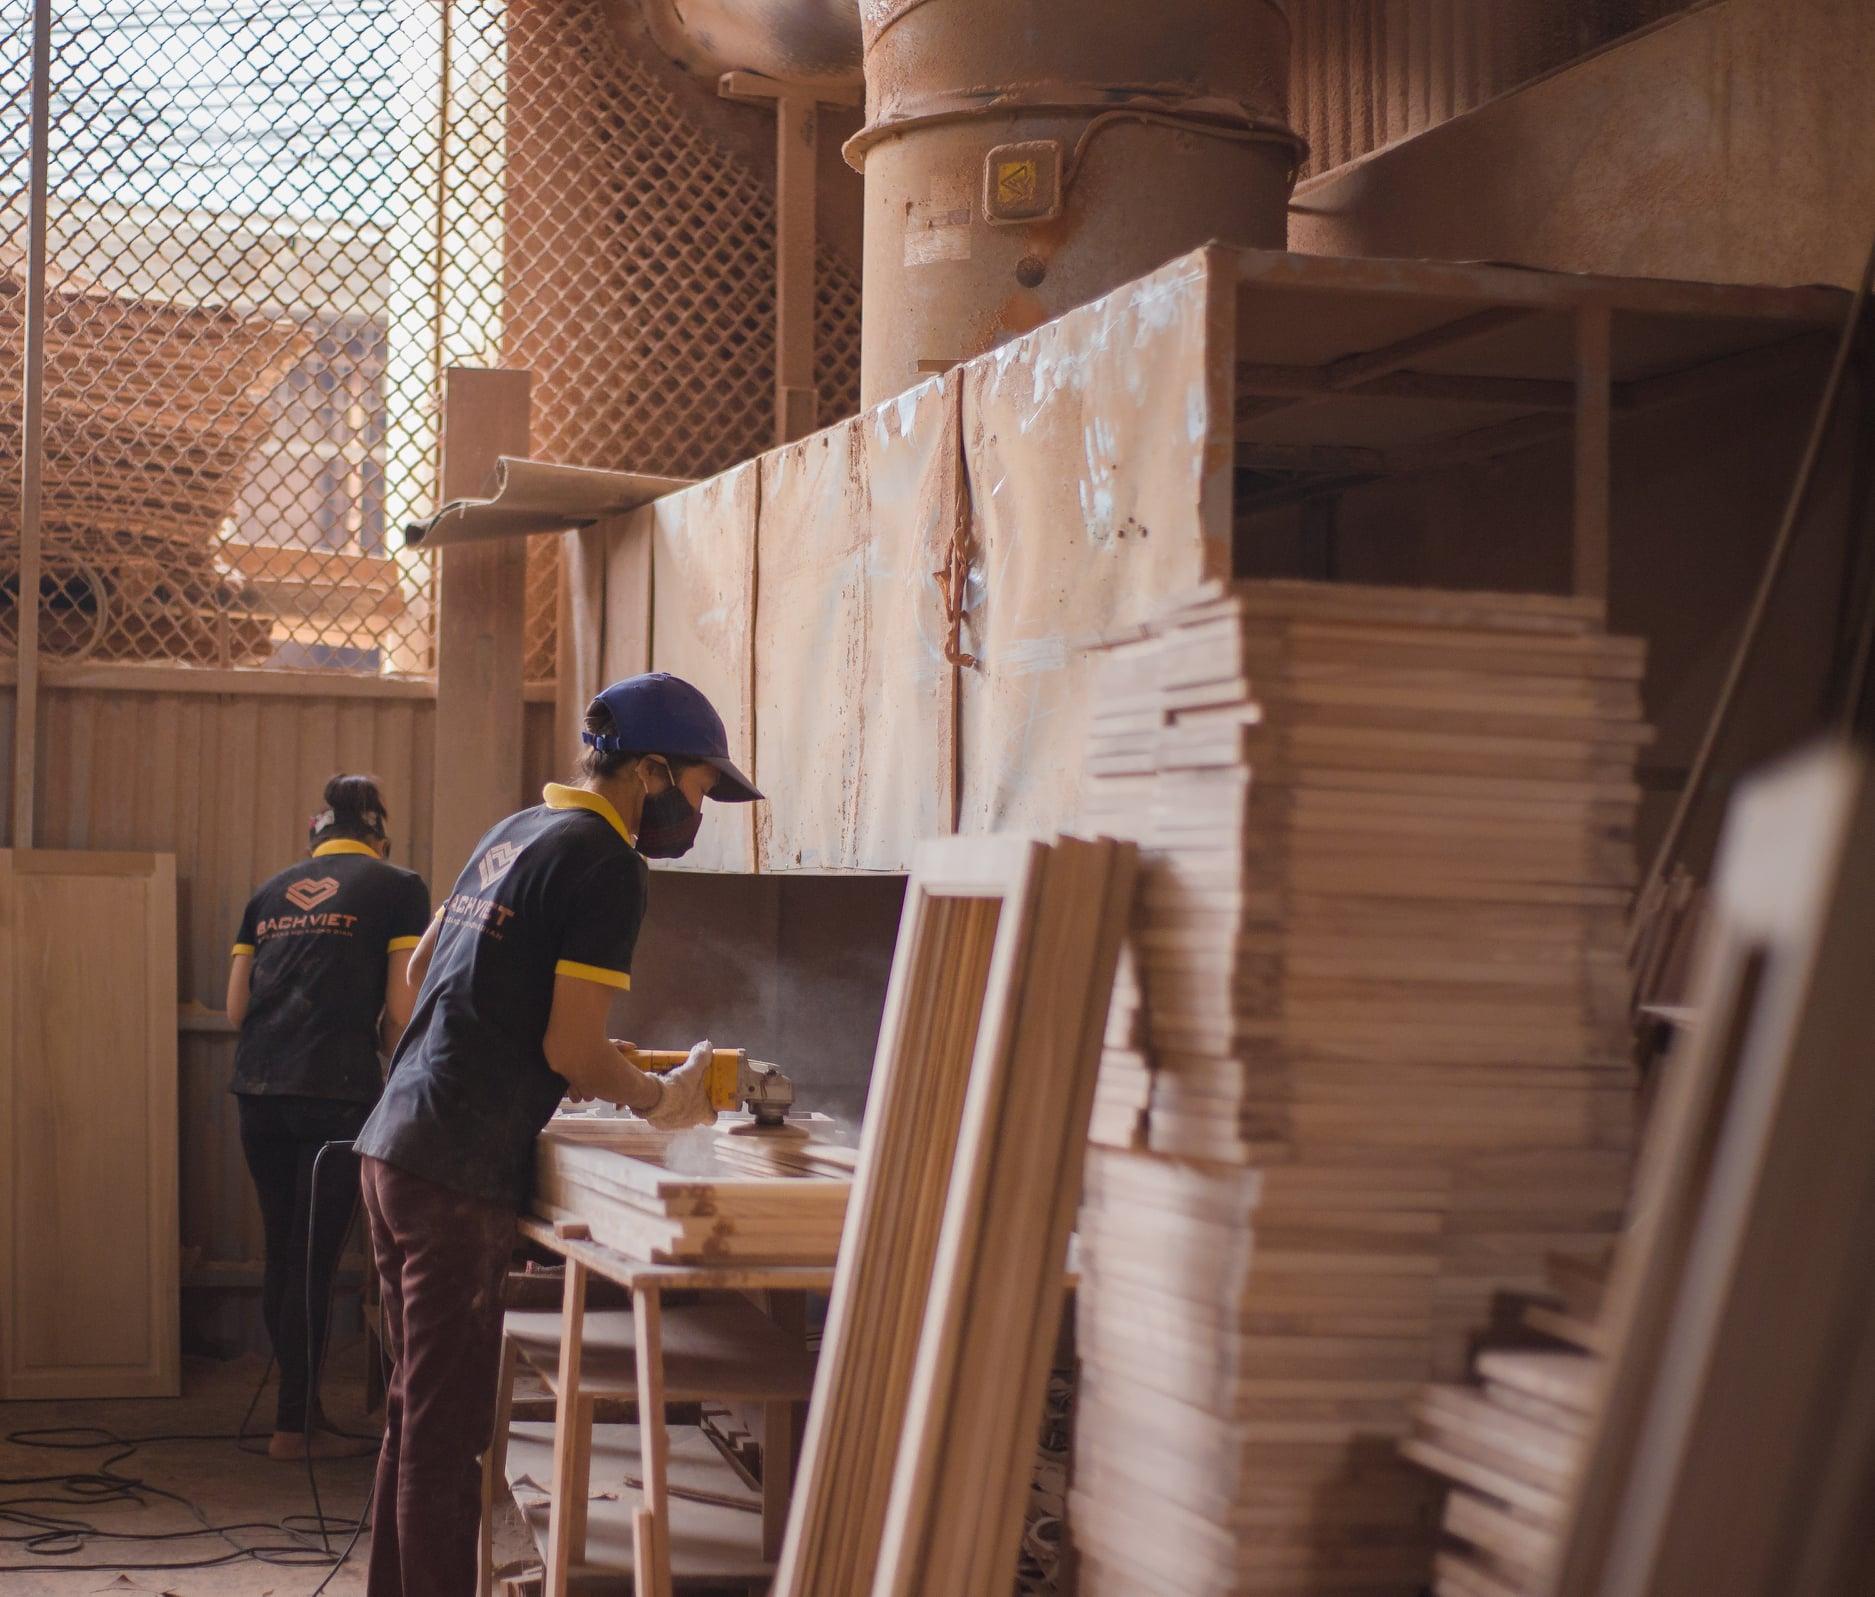 Làng nghề gỗ kêu khó - Ảnh 1.